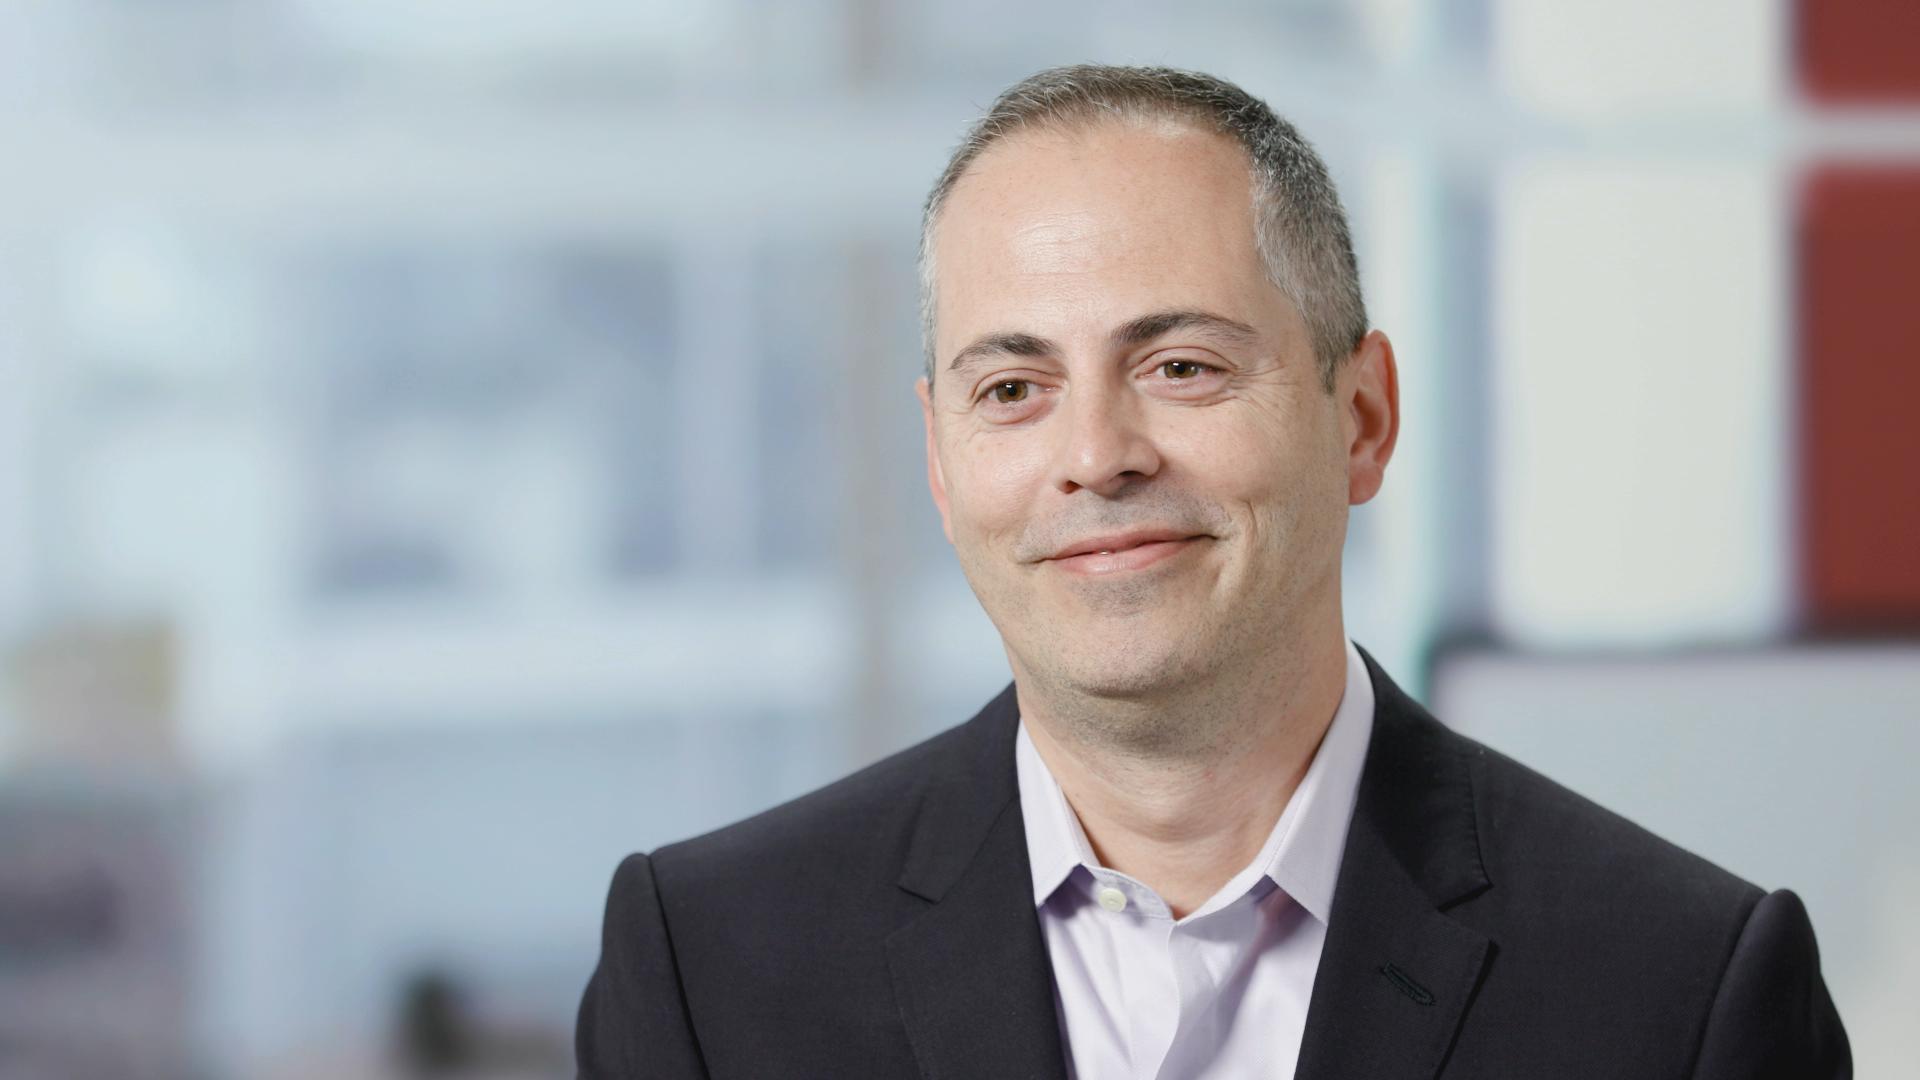 Com três ações do Brasil em carteira de emergentes, Janus Henderson cobra reformas para aumentar posição no país thumbnail